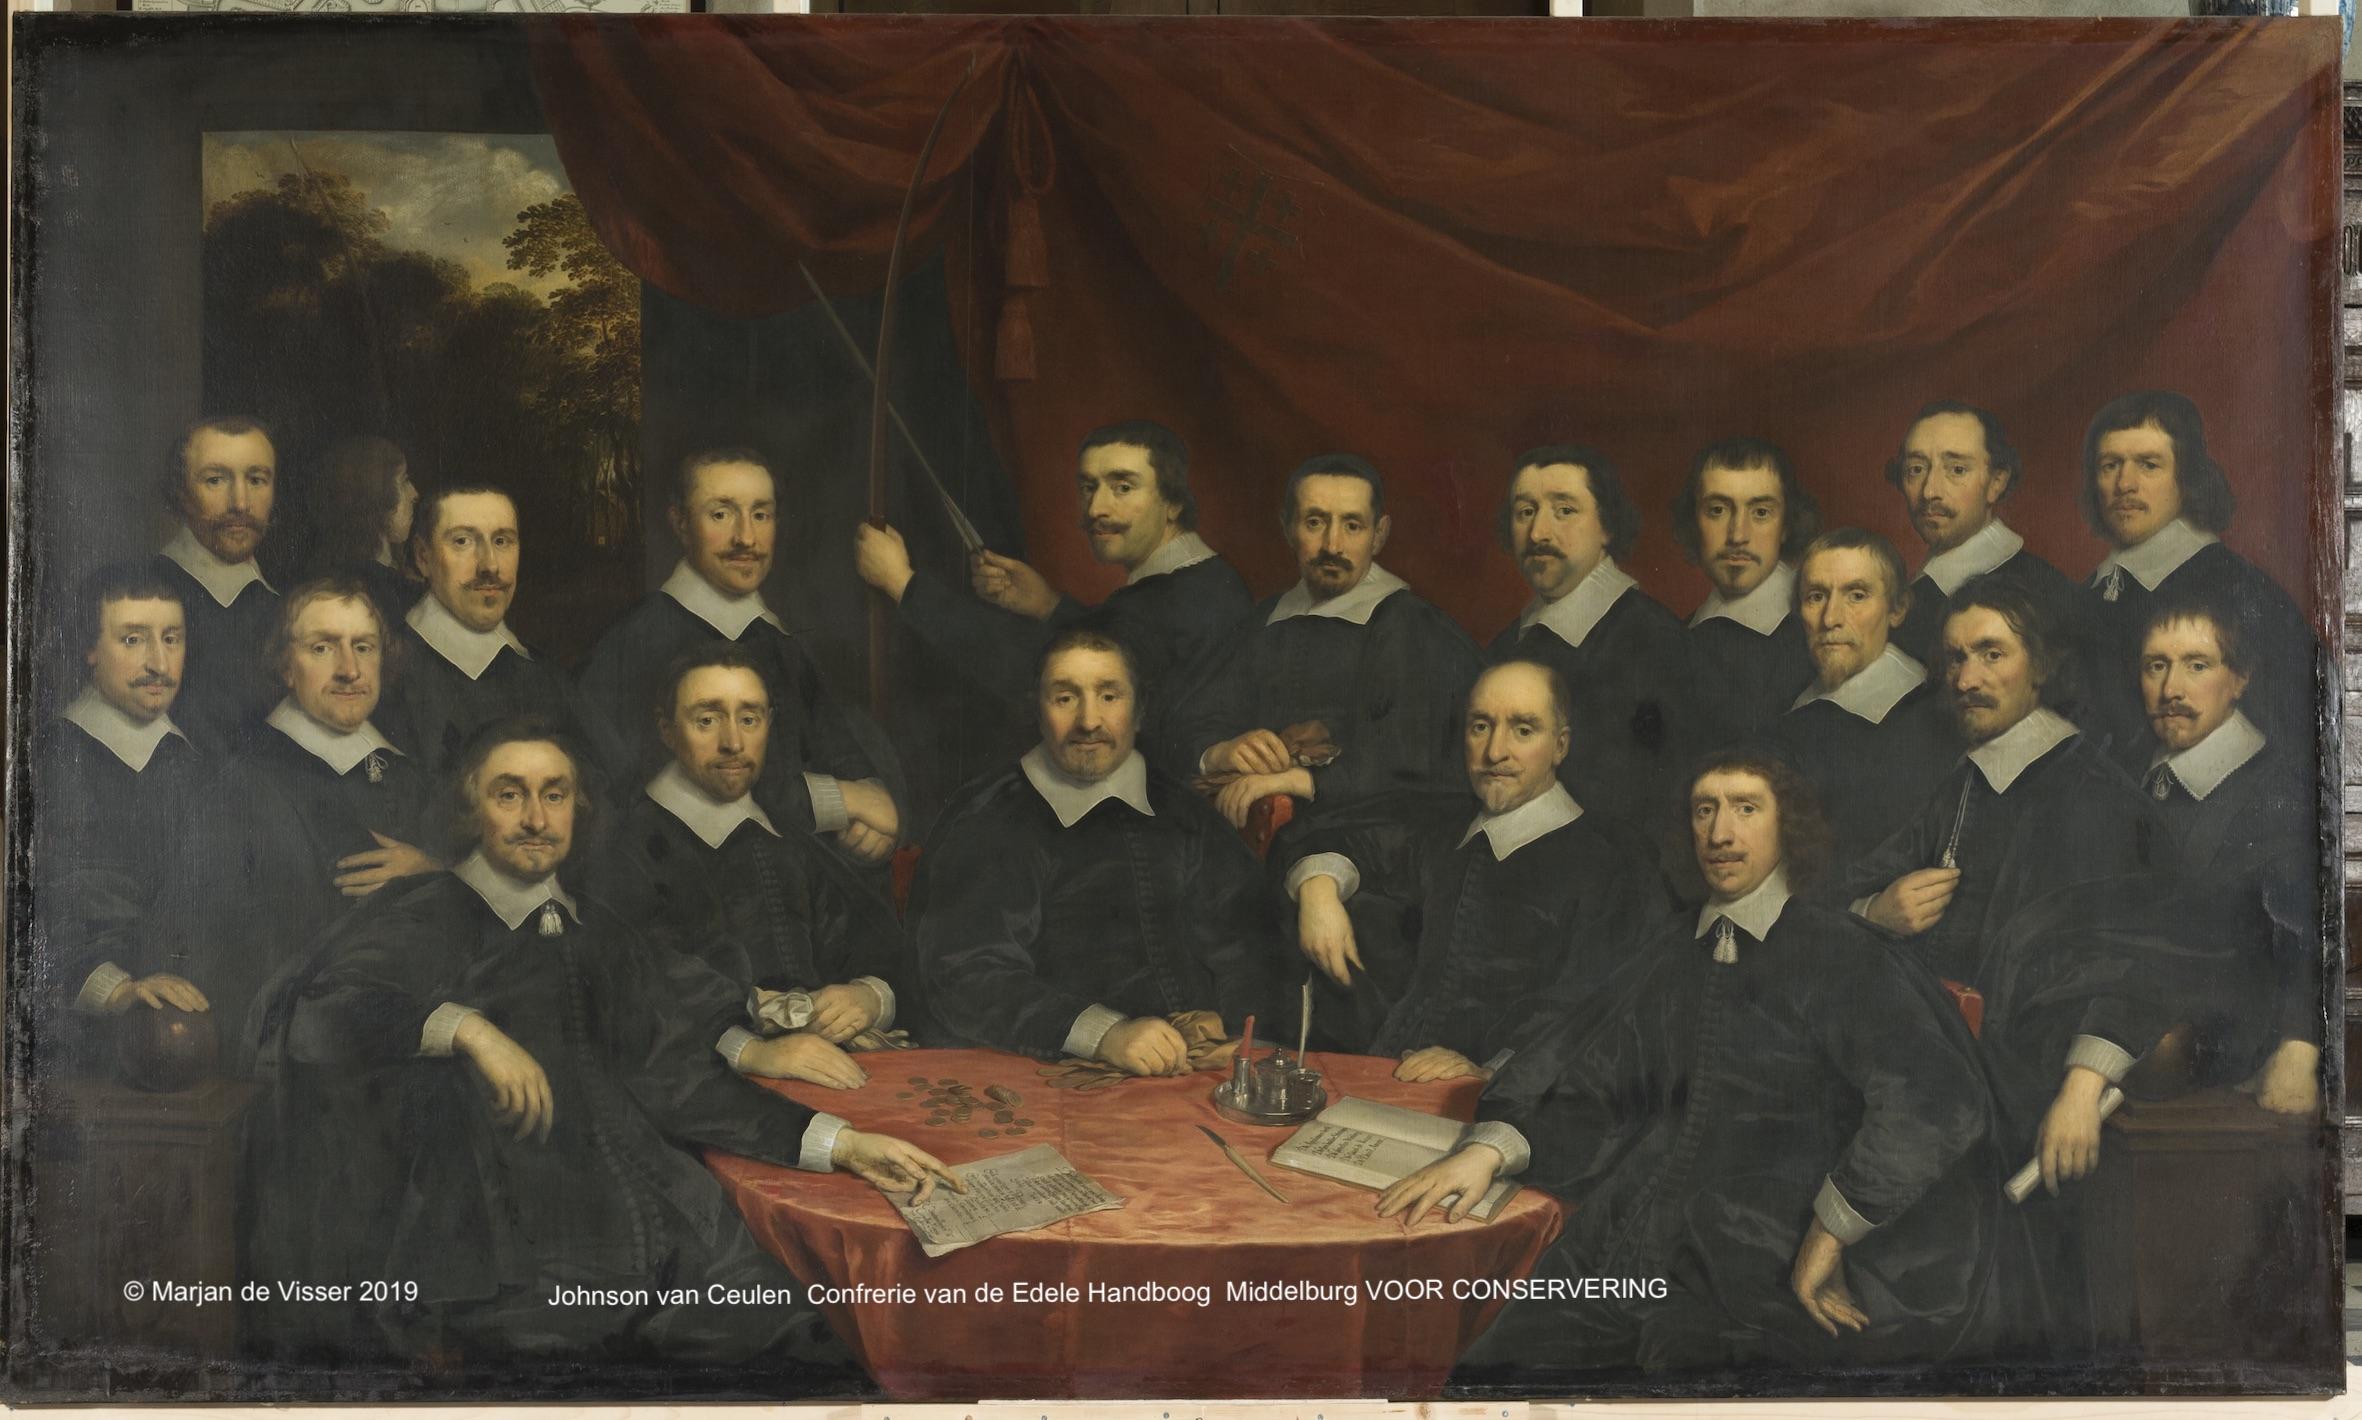 Johnson van Ceulen schilderde het schuttersstuk 'Van den Edelen Handboog' in 1650. In 2016 kreeg Marjan de Visser uit hande van de leden de opdracht tot restauratie van dit schilderij